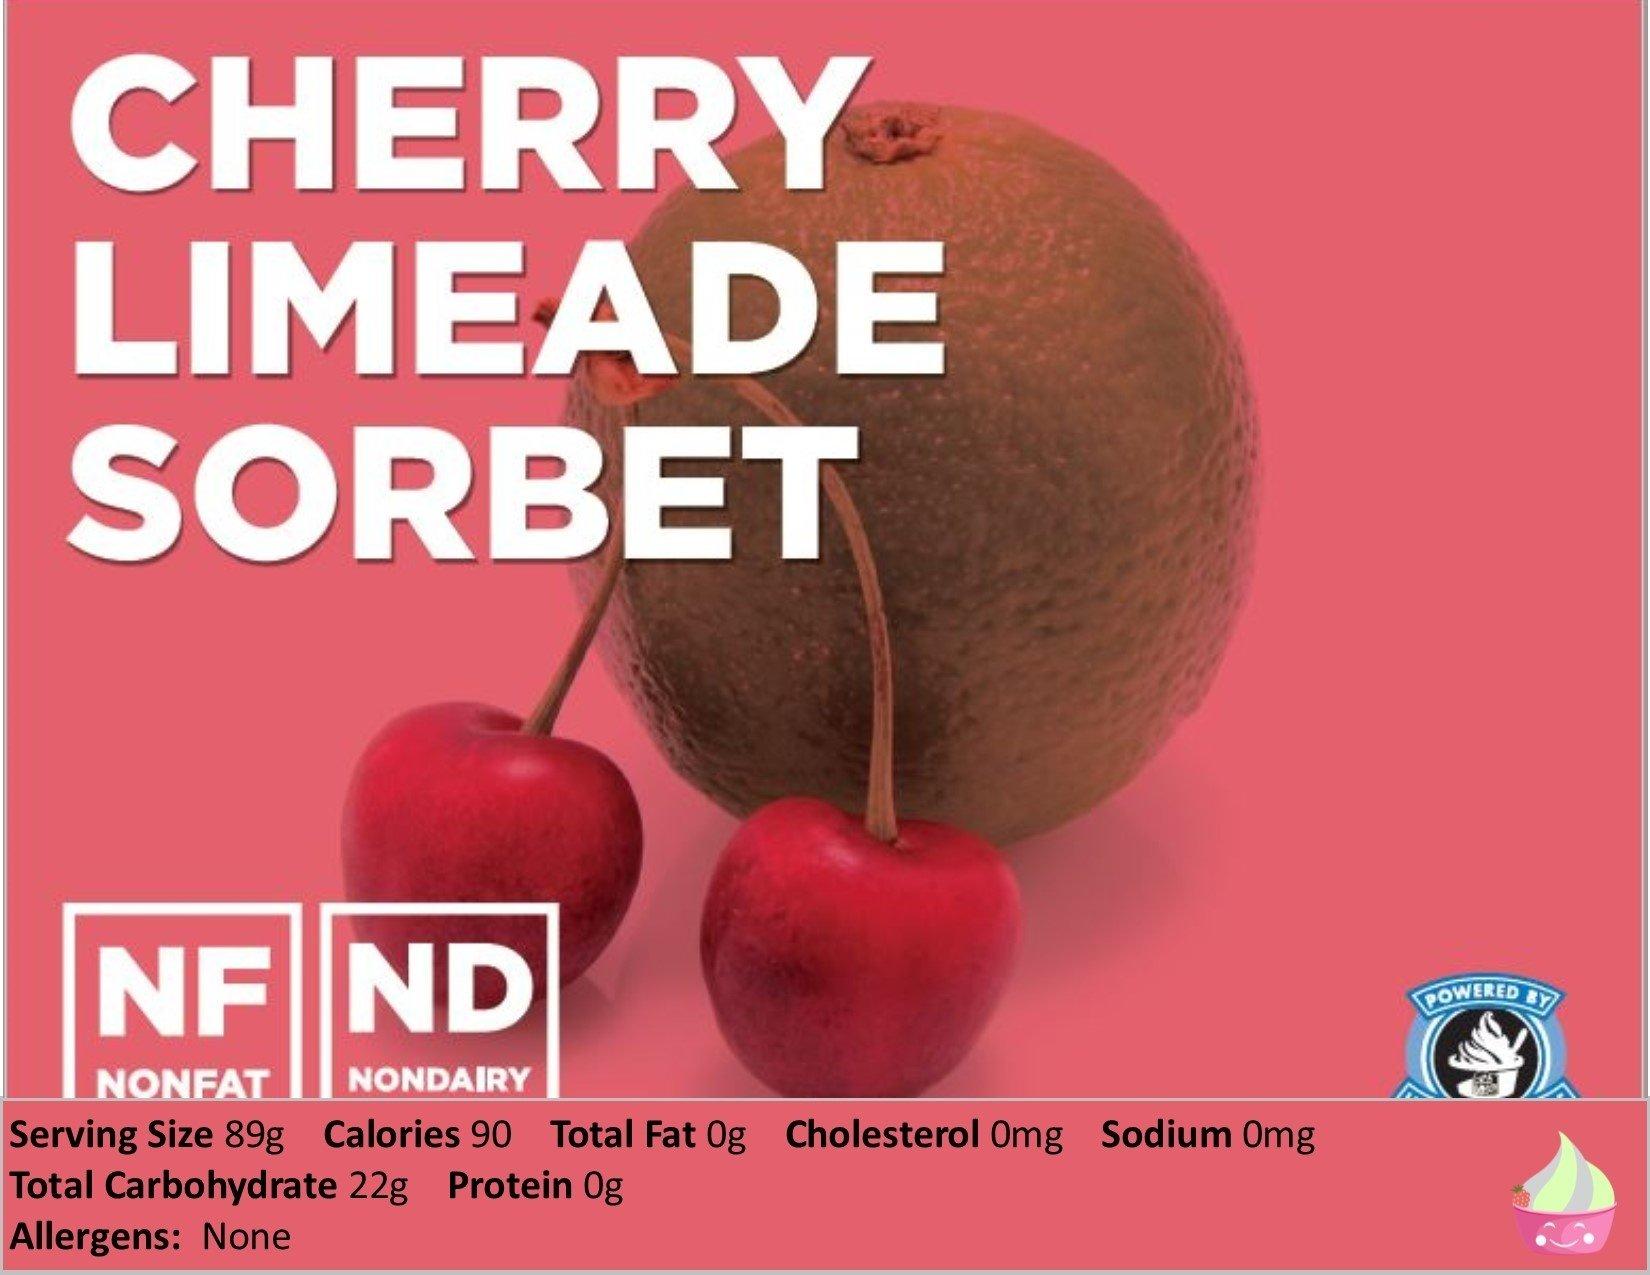 https://0201.nccdn.net/4_2/000/000/017/e75/Cherry-Limeade-Sorbet-1650x1275-1650x1275.jpg